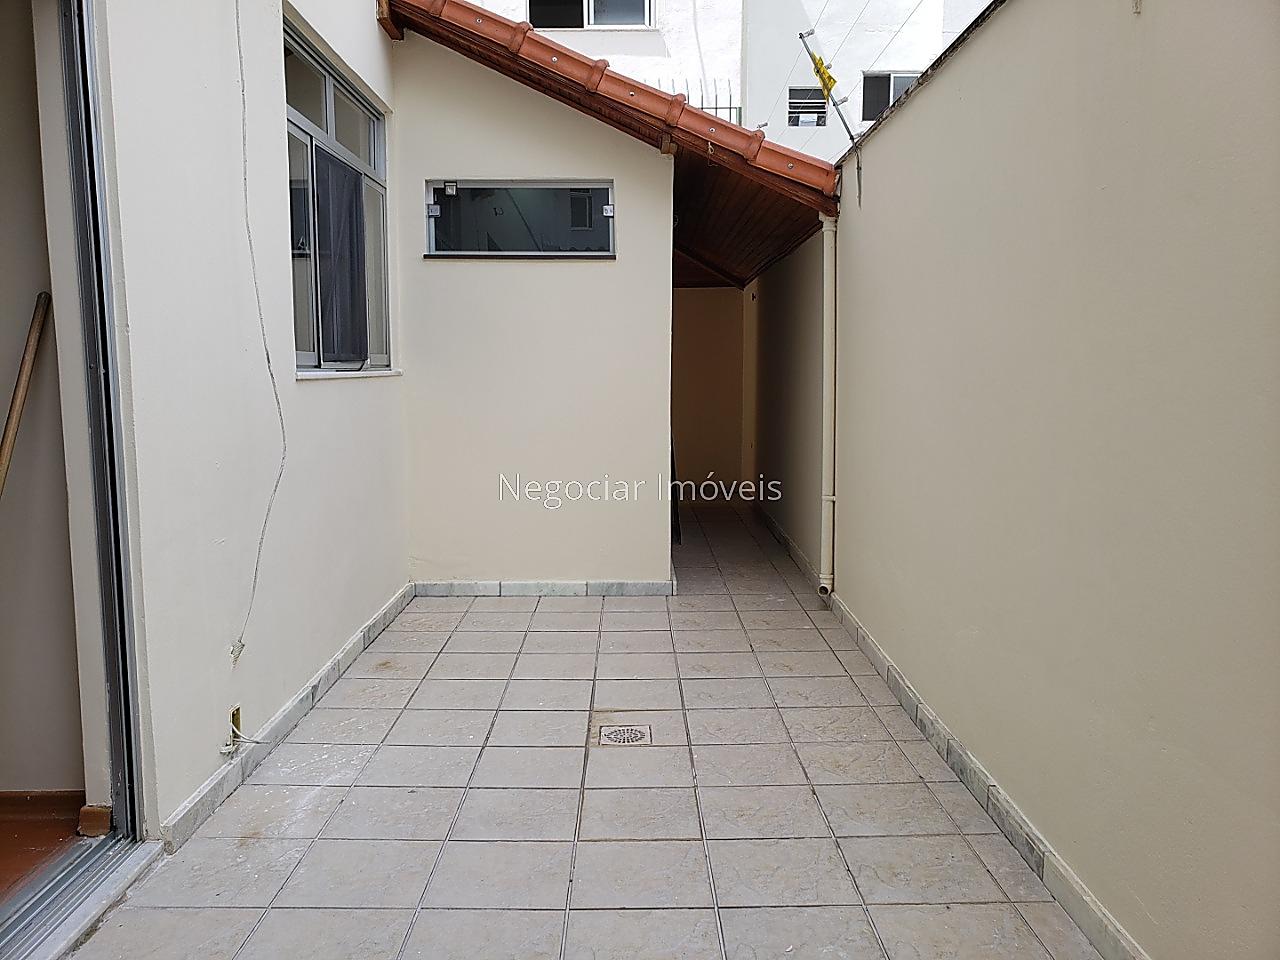 Apartamento à venda em Morro da Glória, Juiz de Fora - MG - Foto 10